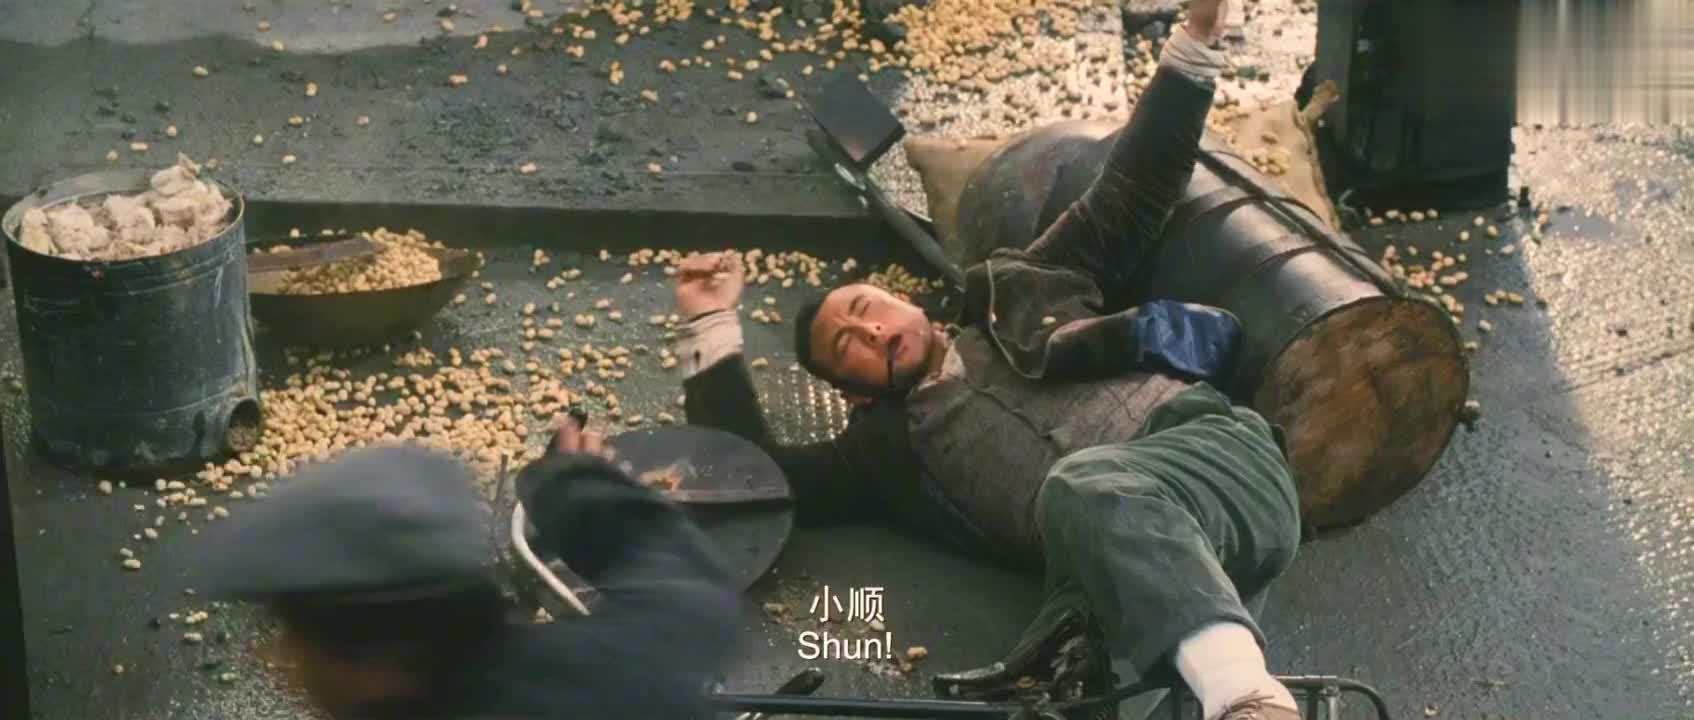 遍地狼烟:国产经典战争电影,梁家辉再现教父本色,痛打日本鬼子